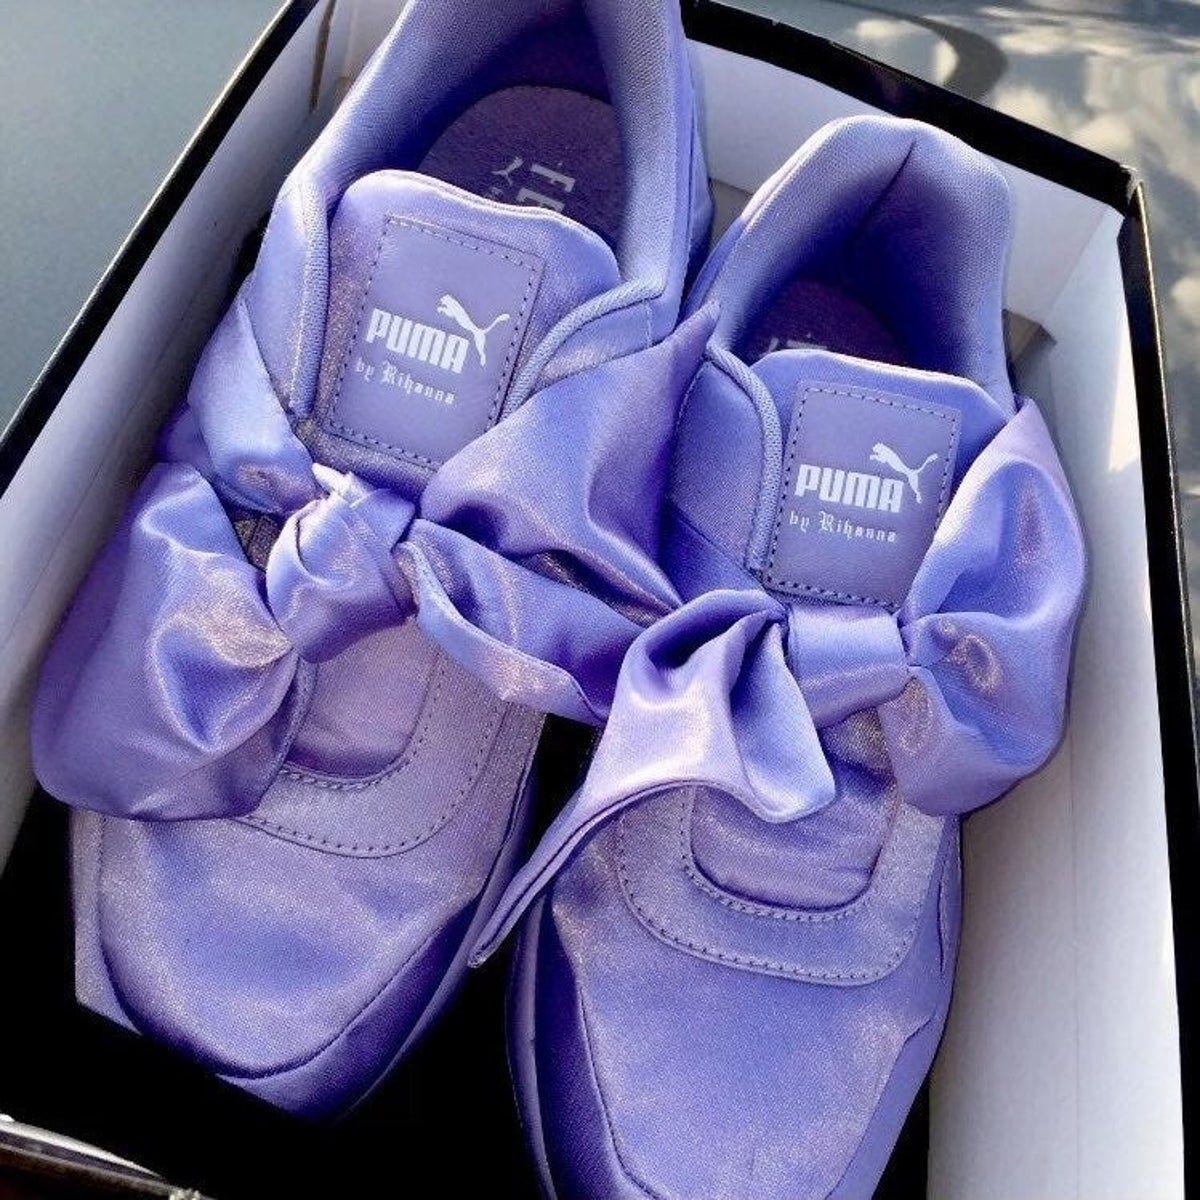 Puma rihanna, Bow sneakers, Sneakers